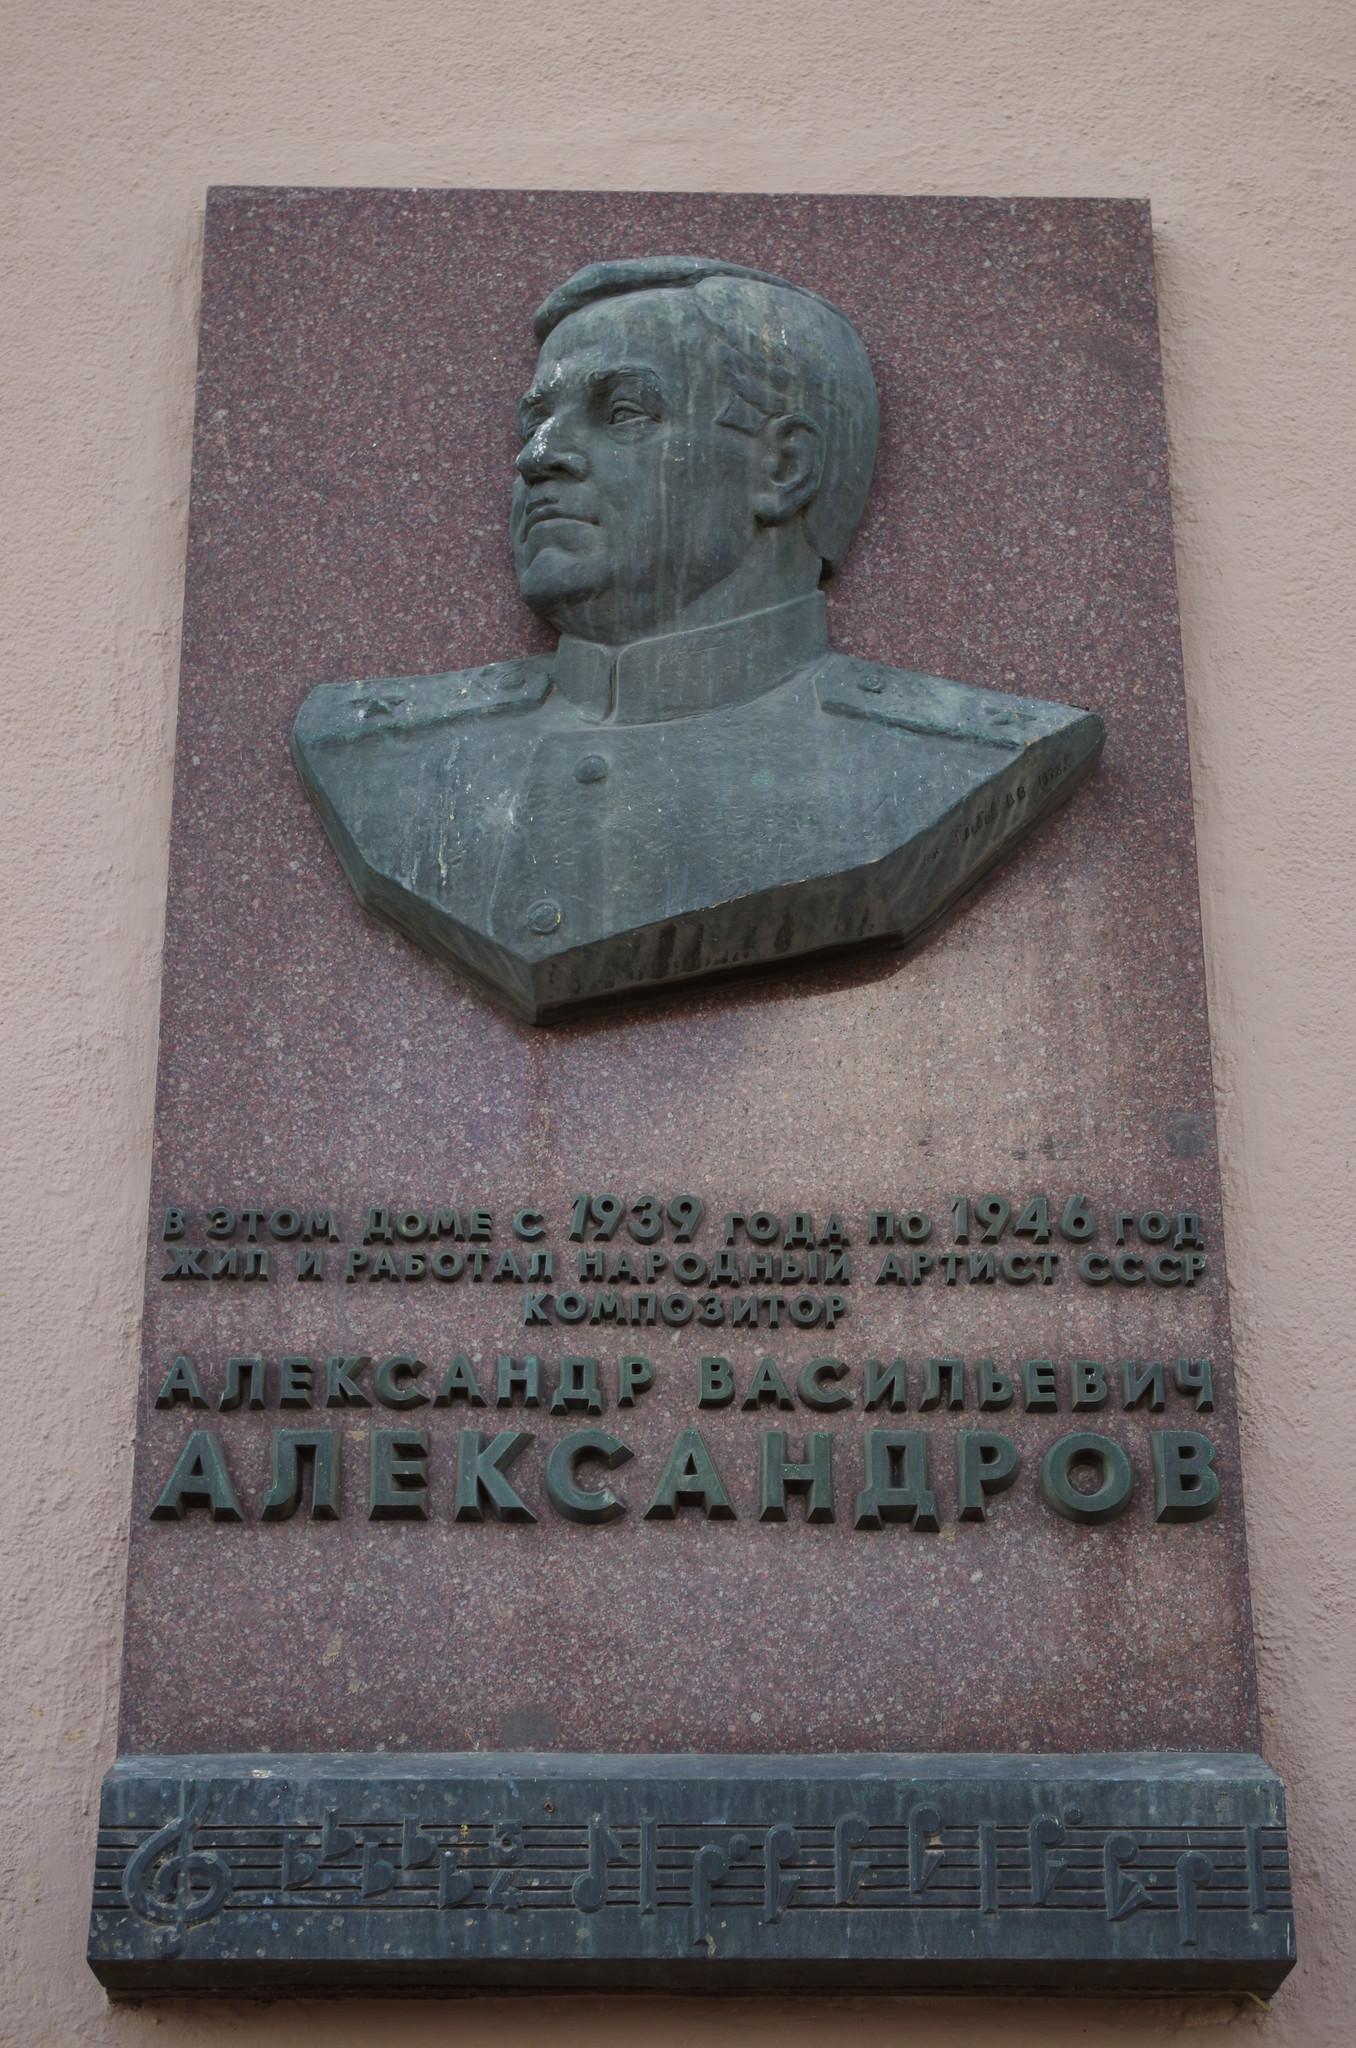 Мемориальная доска на доме, где последние годы жил Александр Васильевич Александров